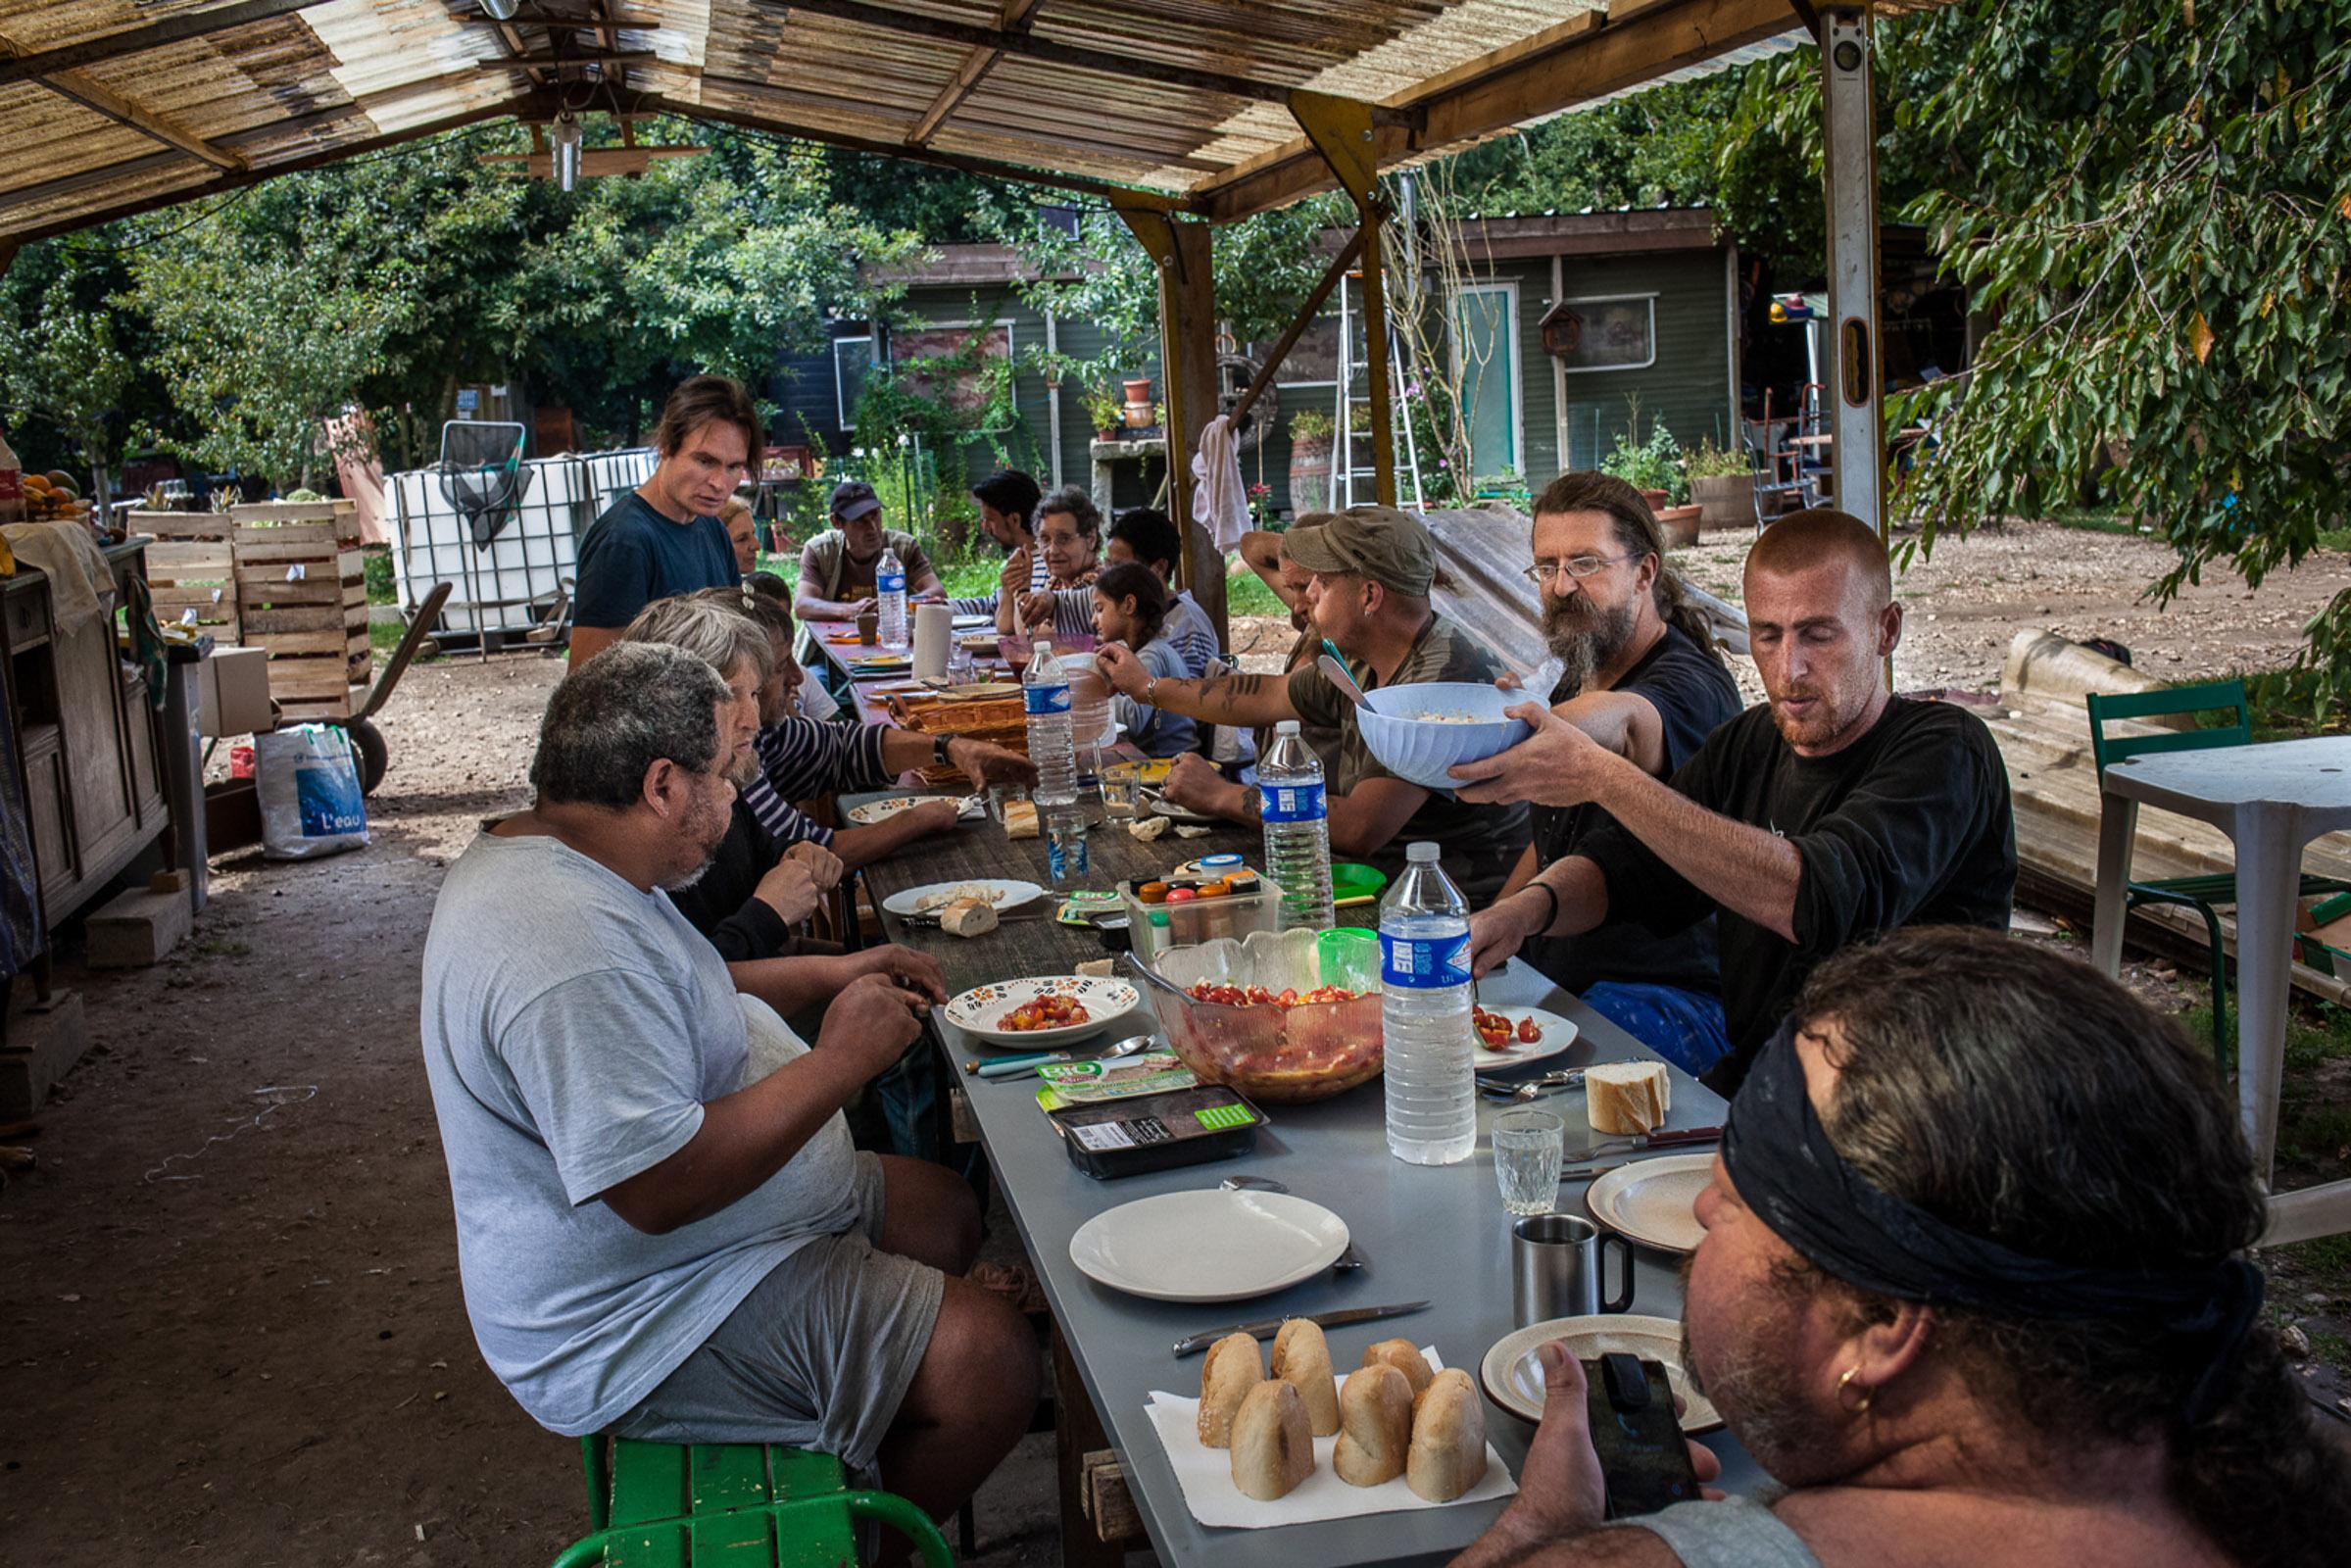 """Villebéon, le 19 Aout 2014. Repas communautaire dans l'un des bâtiments """"en dur"""" du village.   Villebéon, August 19, 2014. Community meal in the dining """"room""""."""